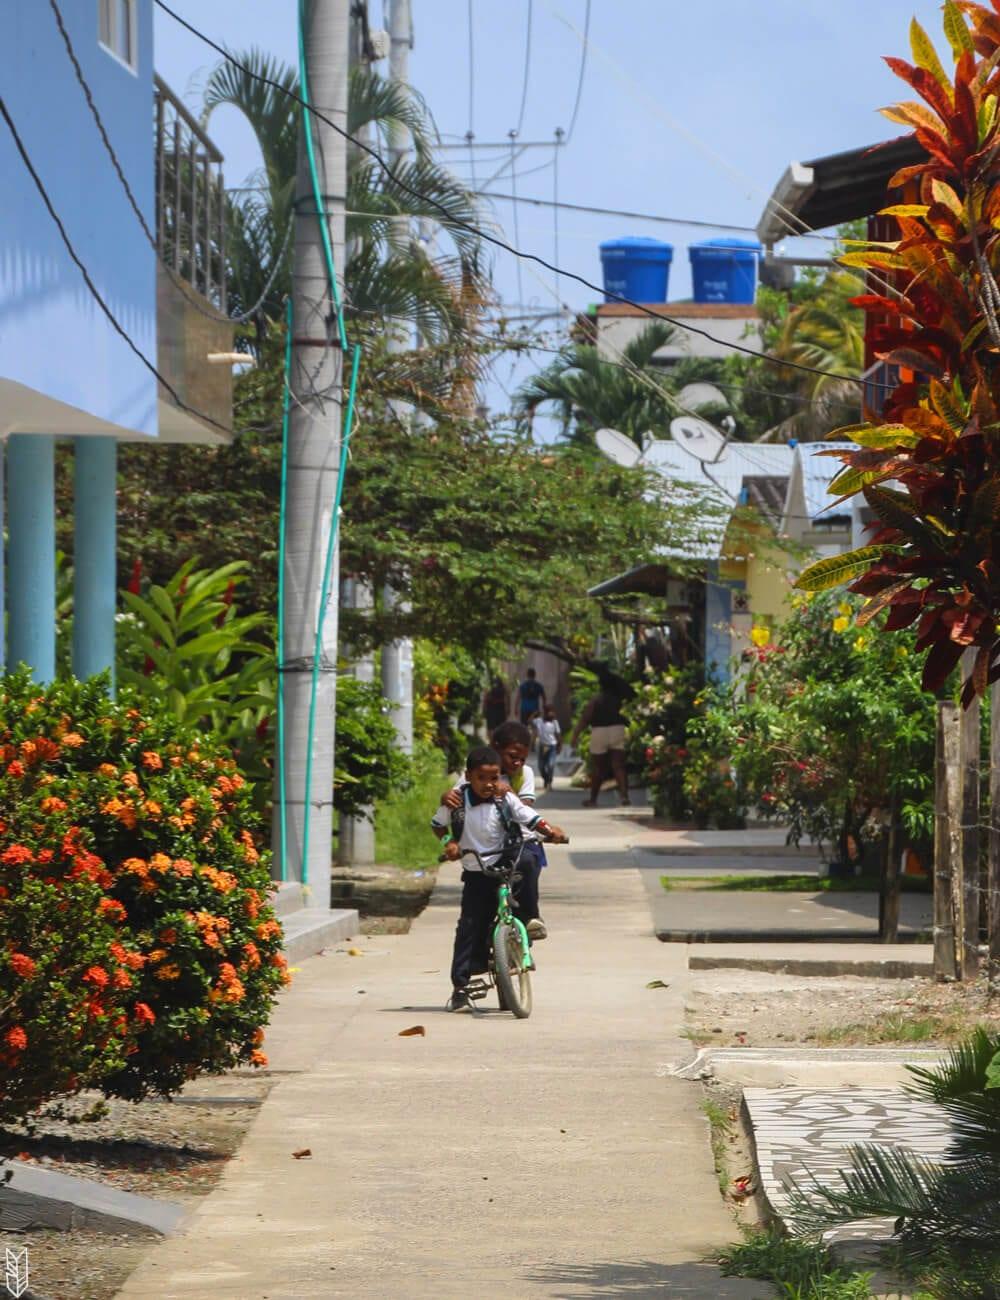 le village de Sapzurro - Chocó